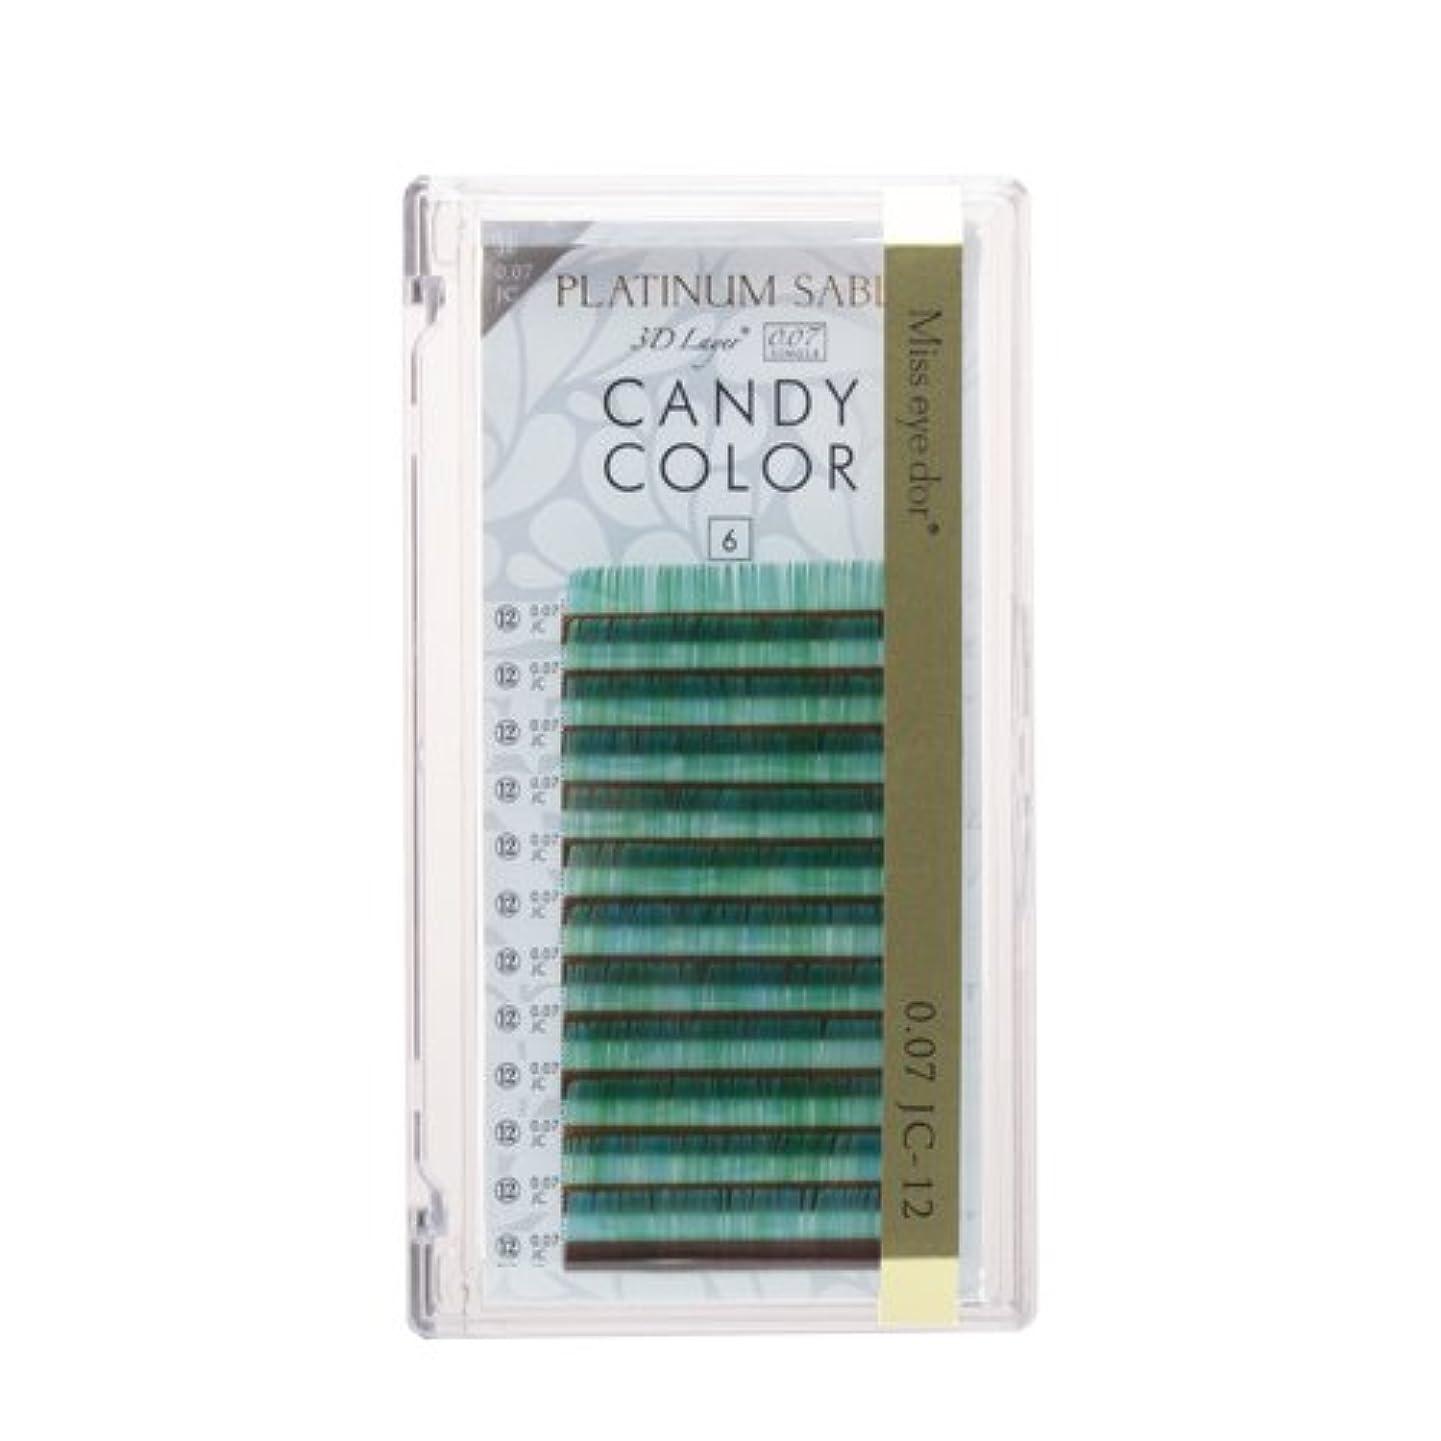 自体またはどちらか十分にプラチナセーブルキャンディカラー0.07mmJCカール15mmグリーン